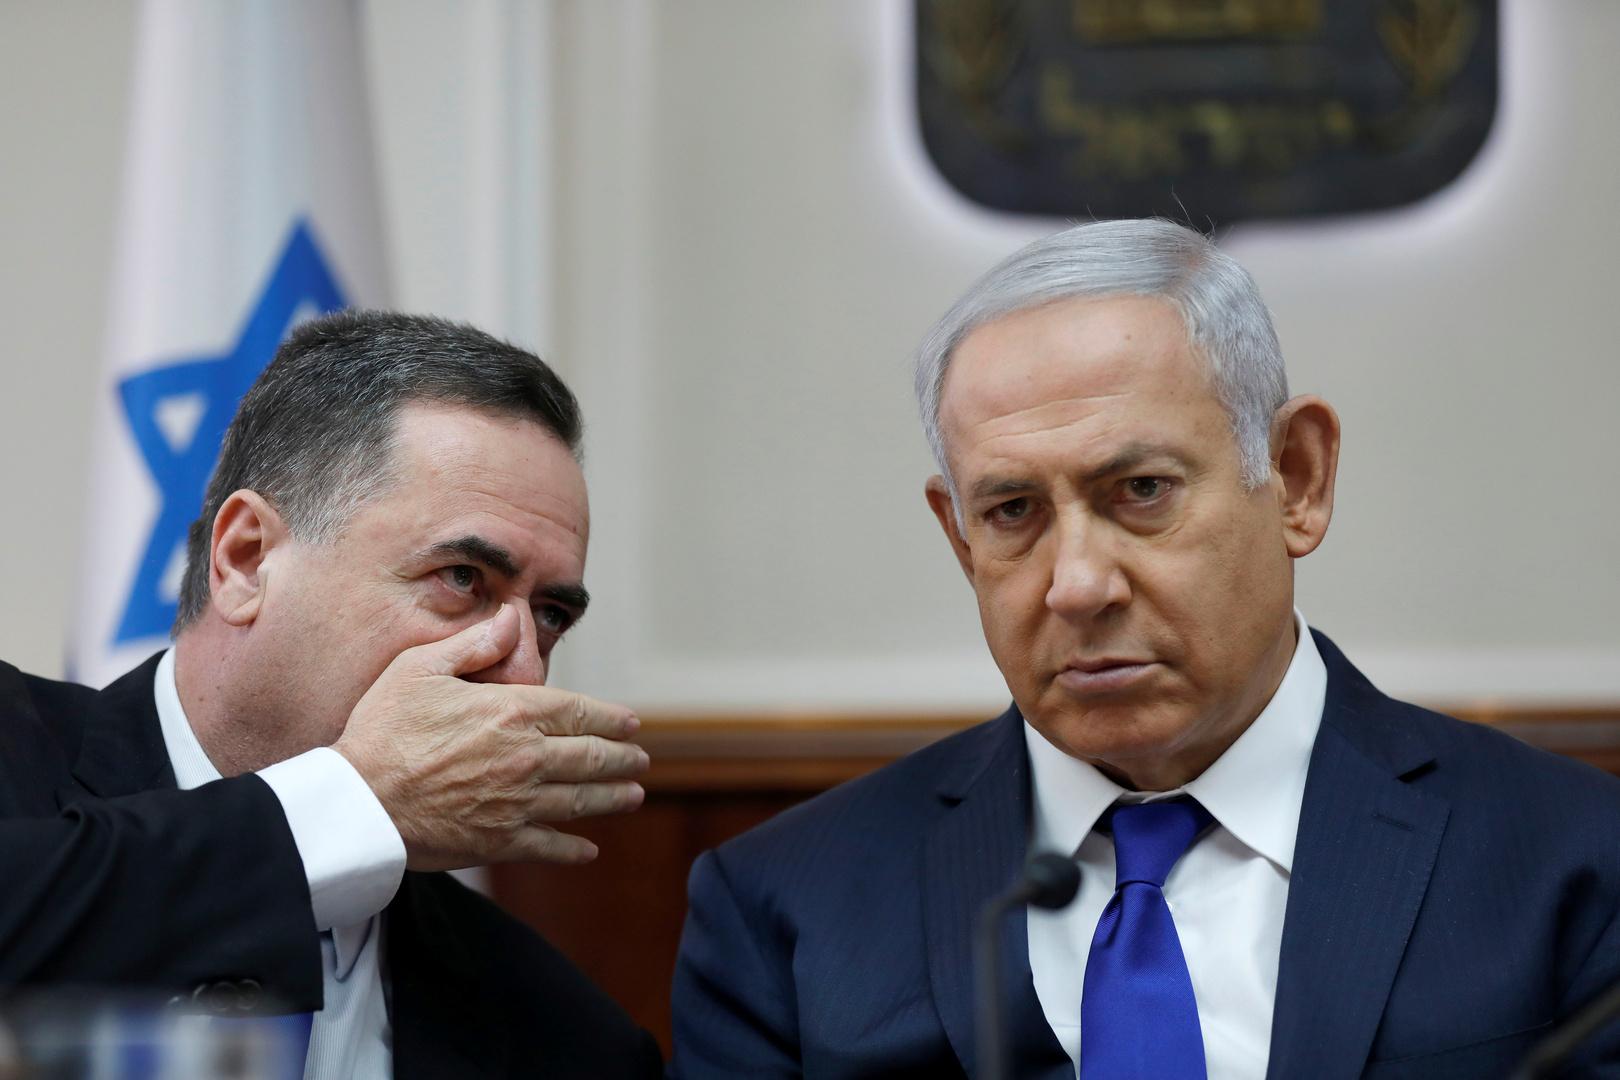 بعد اقتحام سفارة واشنطن في بغداد.. إسرائيل تهدد إيران بـ